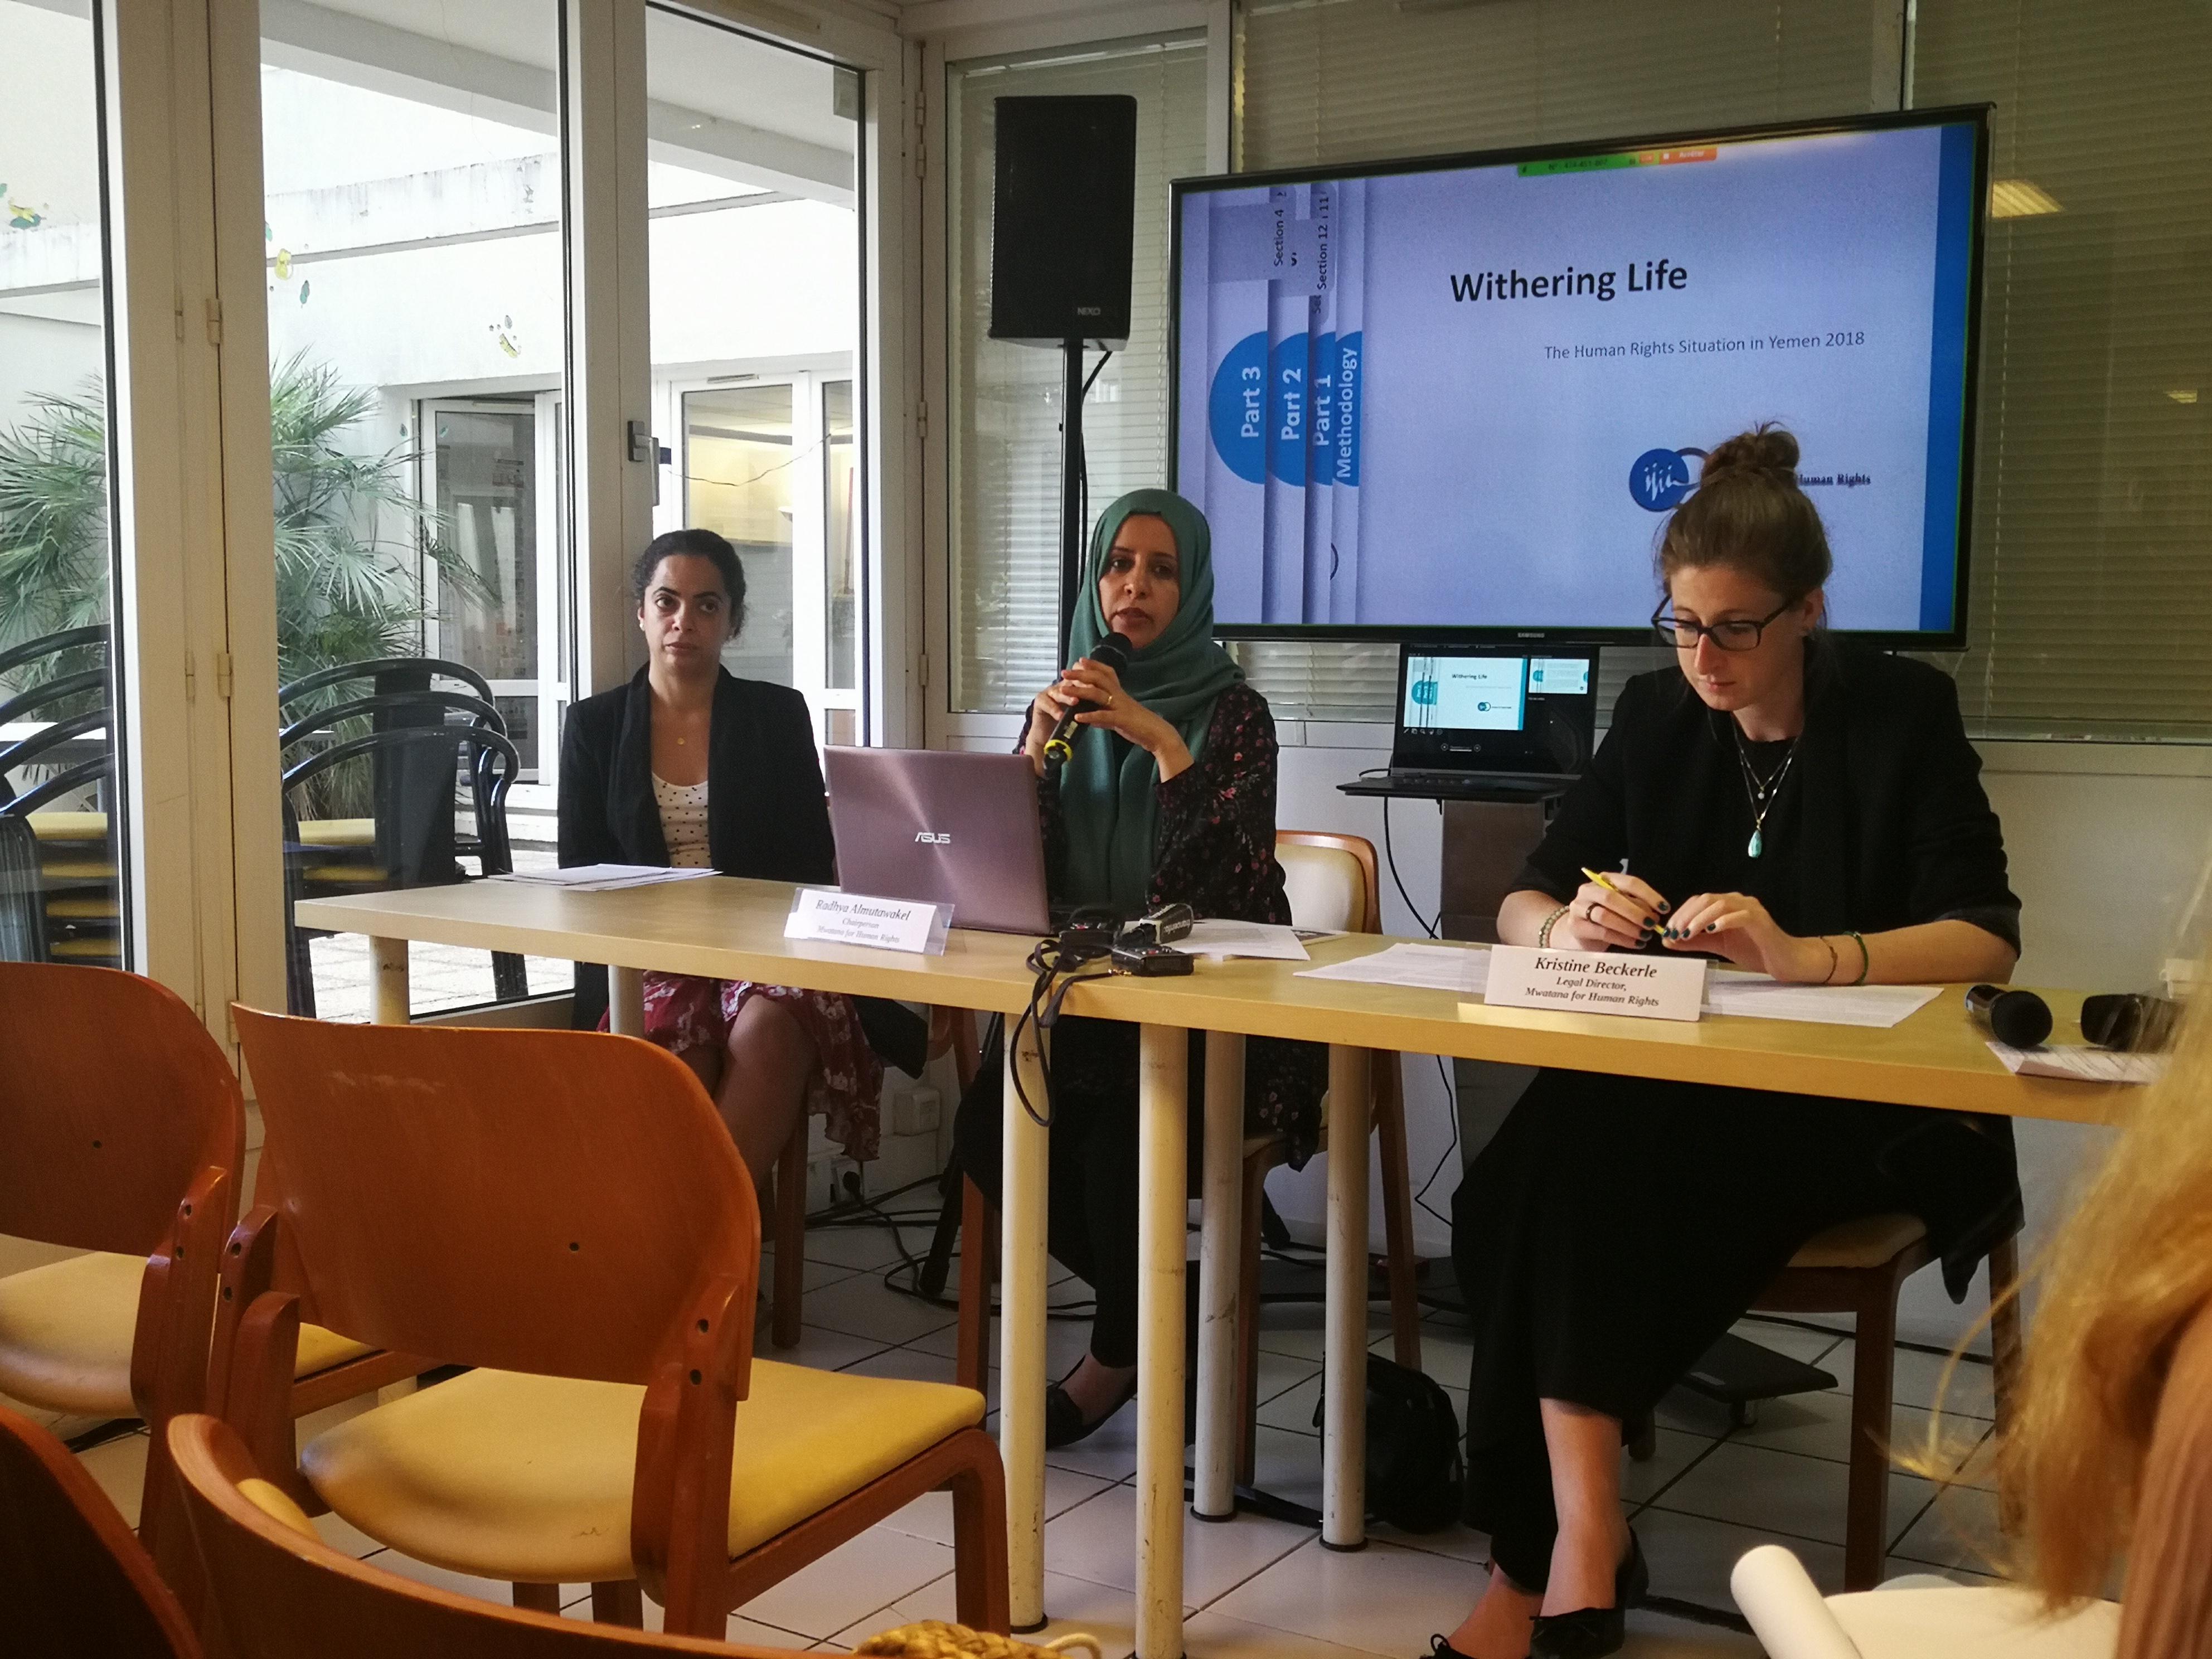 Radhya Al Mutawakel, présidente de Mwatana for Human Rights, et Kristine Beckerle, directrice juridique de l'ONG, lors d'une conférence de presse organisée mardi 16 juillet 2019 à Paris.